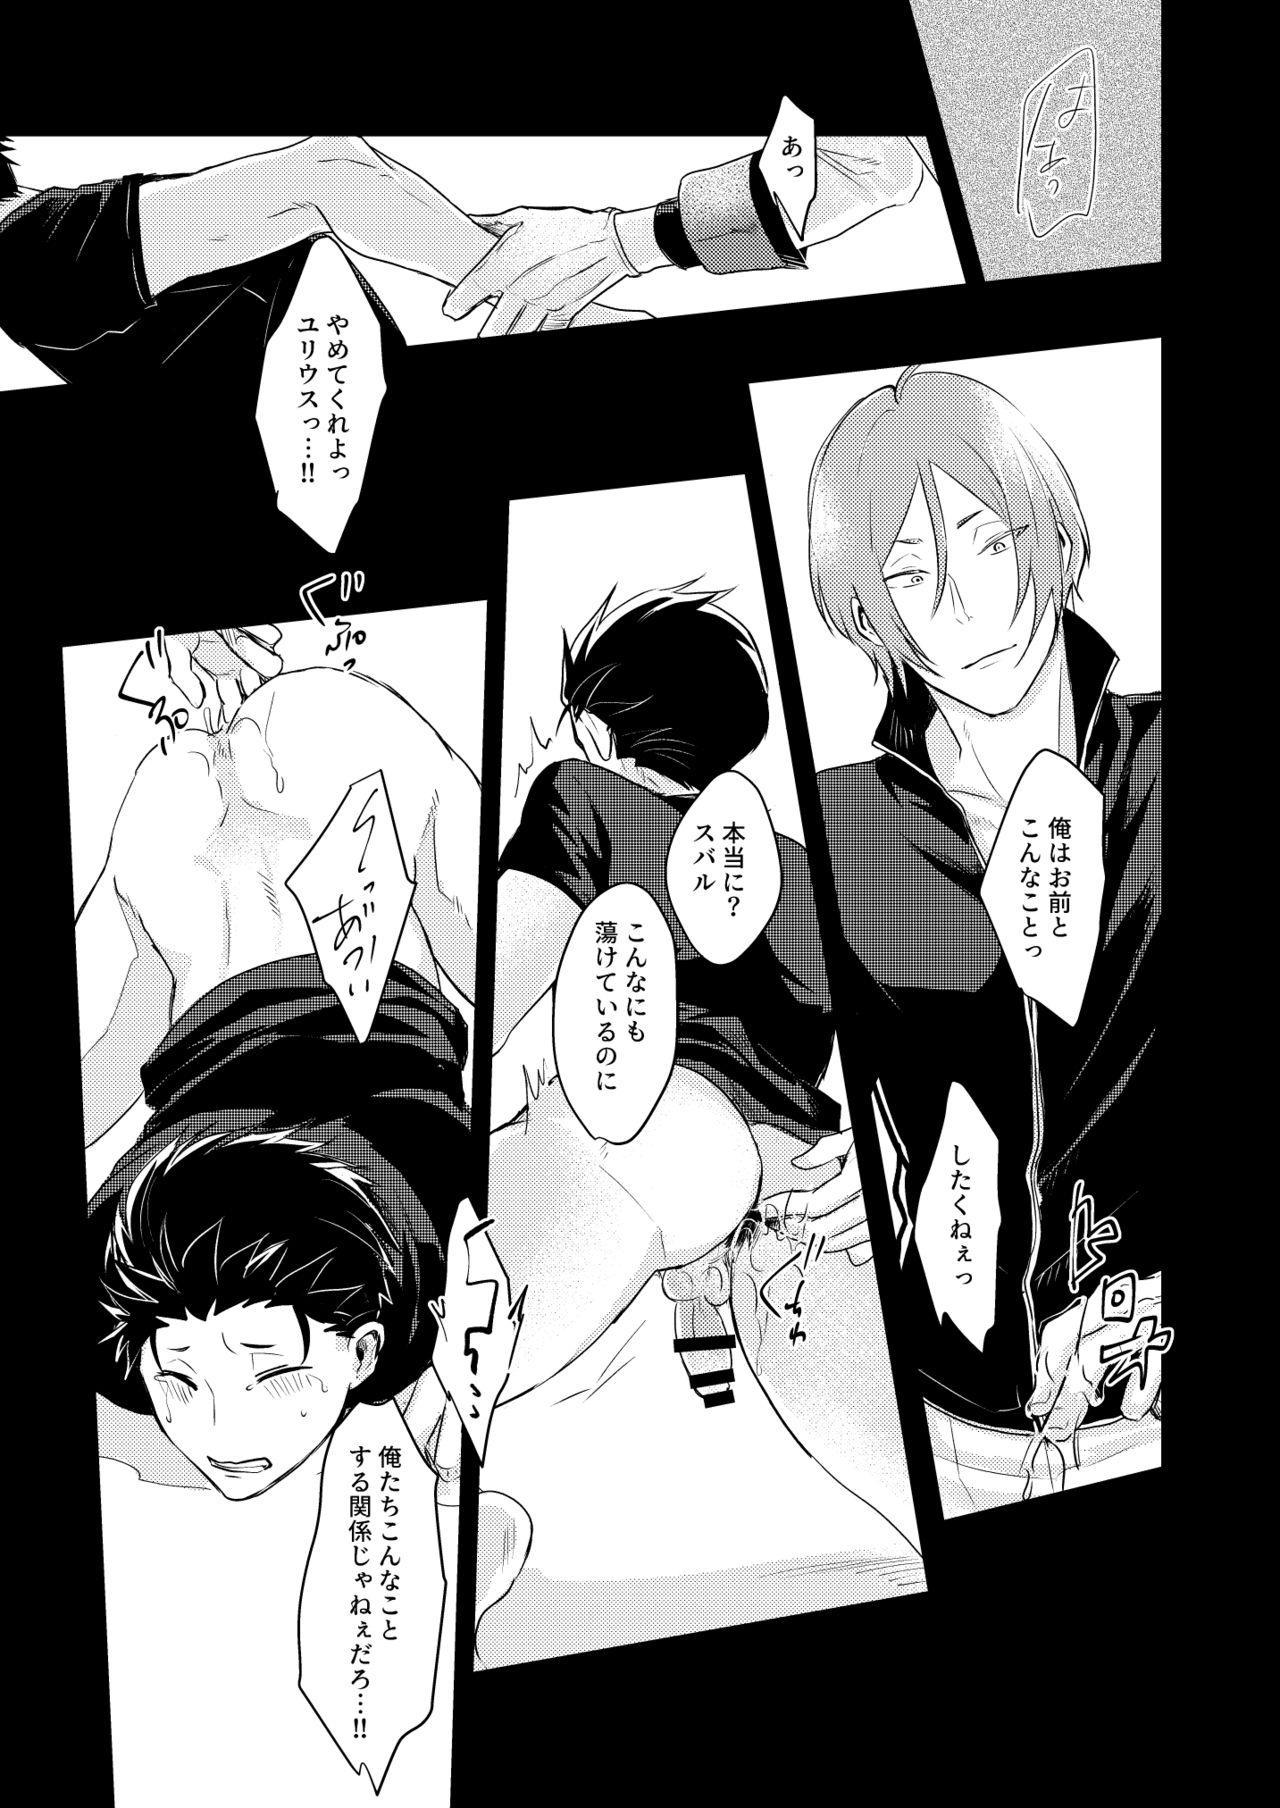 Sex Shinai to Modorenai 9